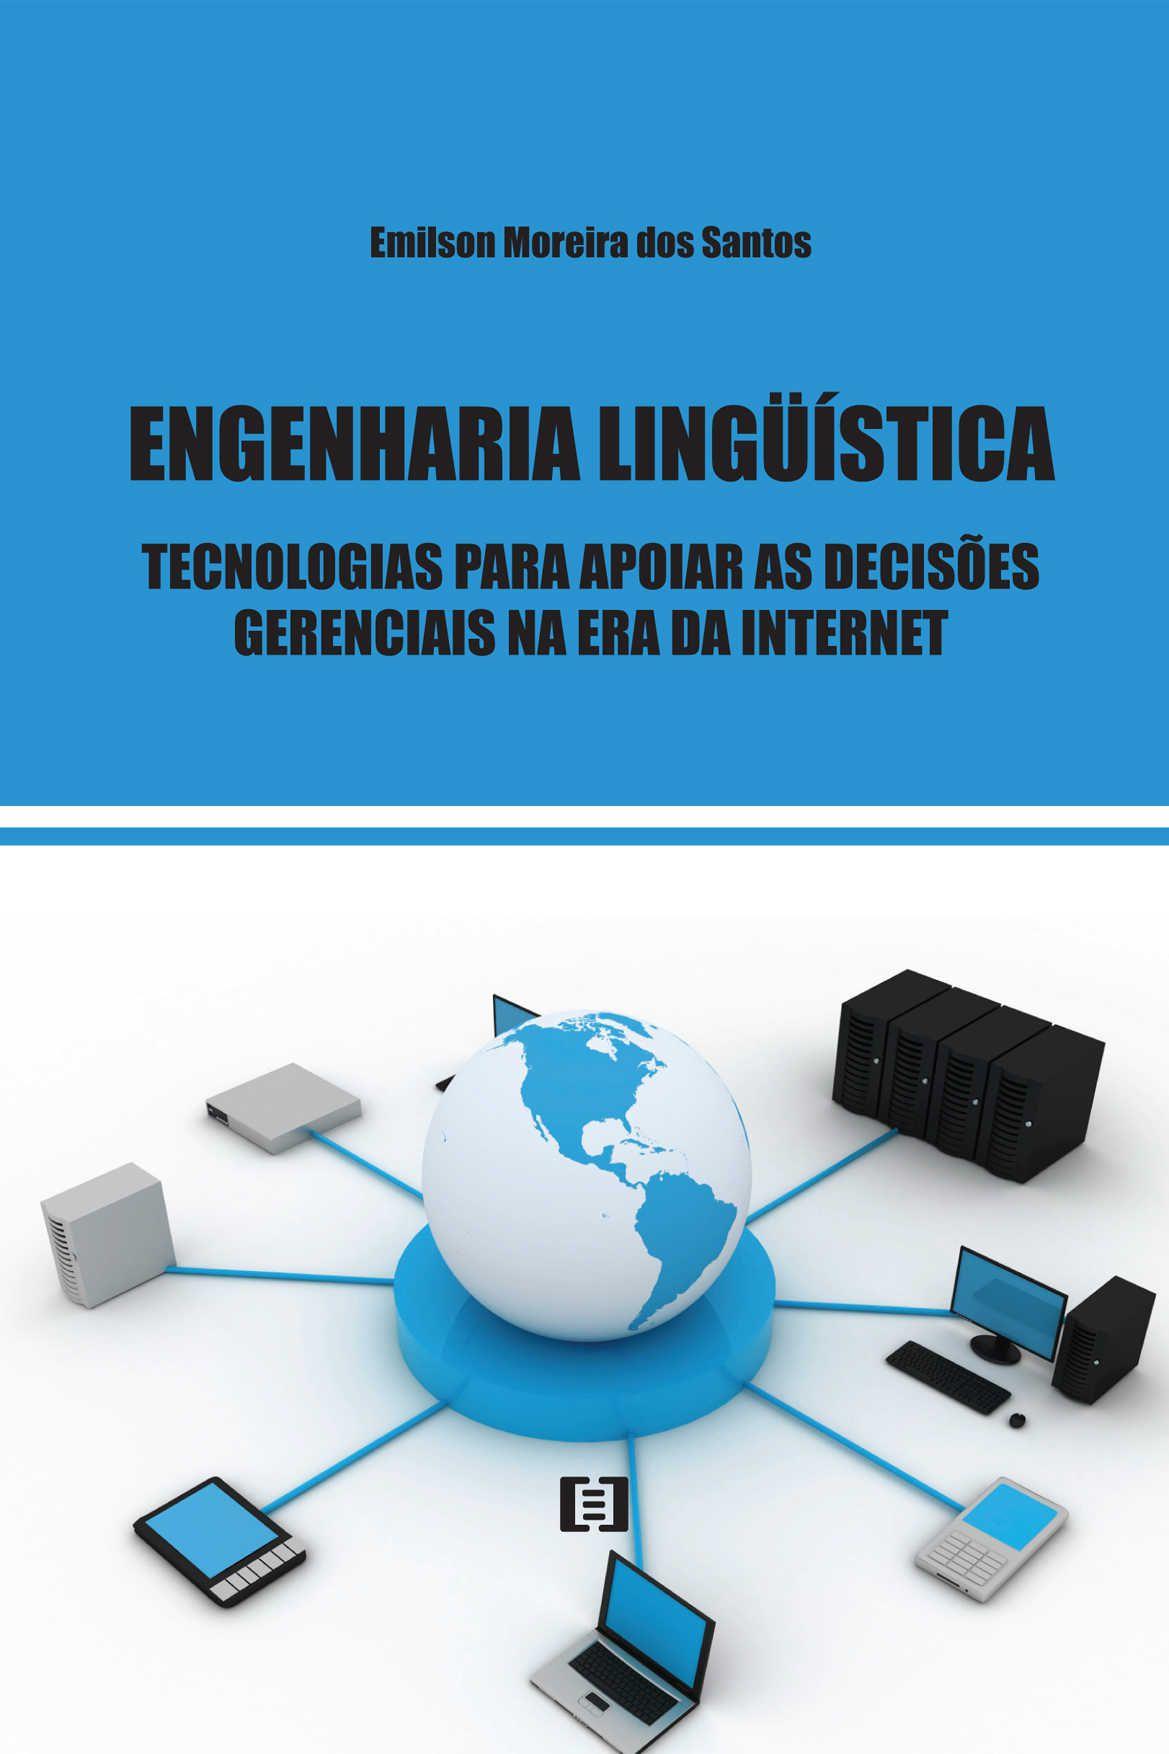 Engenharia Lingüística: Uma tecnologia para apoiar as decisões gerenciais na era da Internet